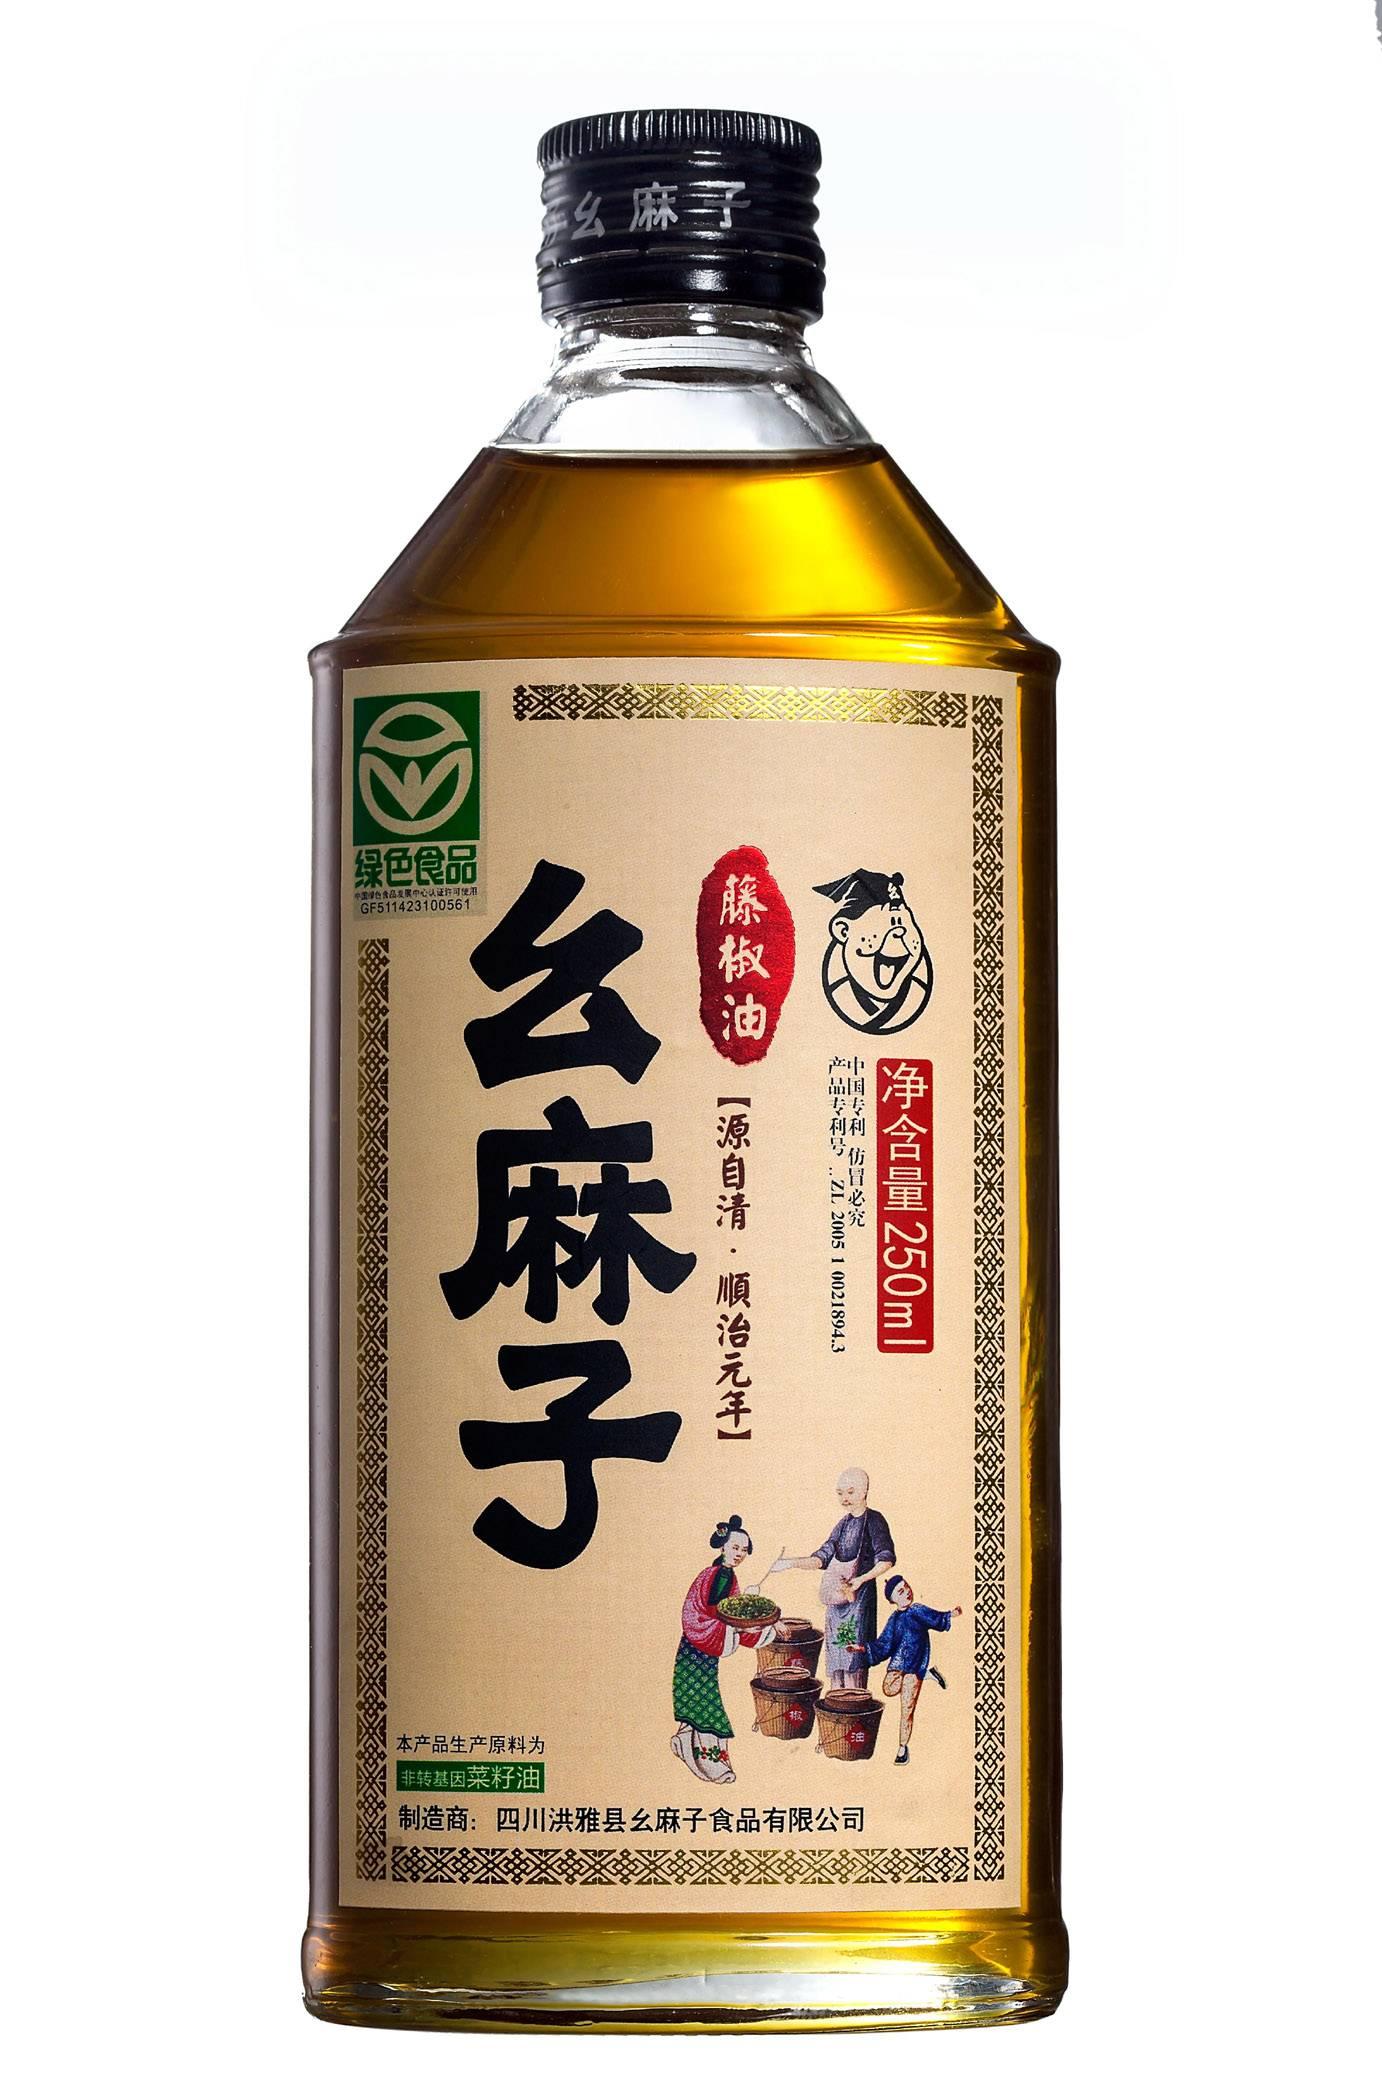 Sichuan Seasoning Green Sichuan Pepper Berry 0il